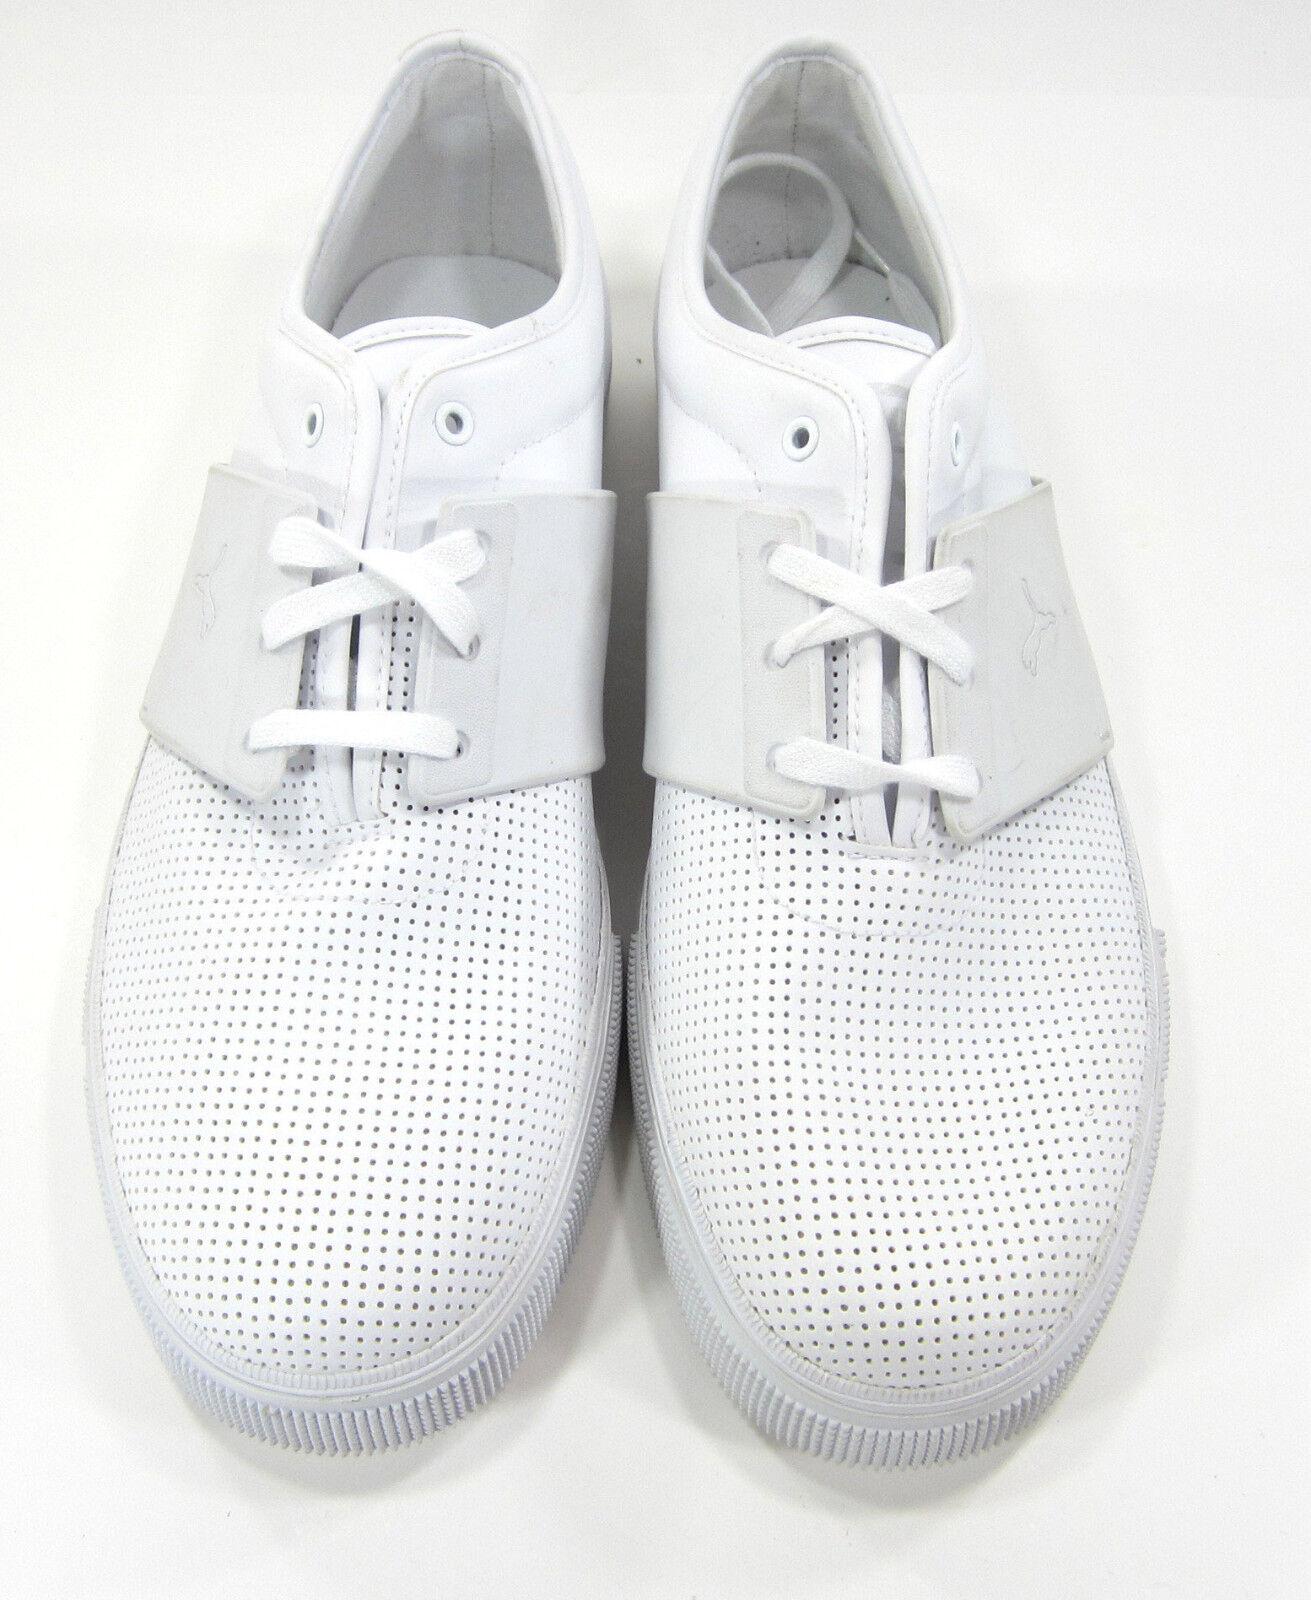 sports shoes 077d0 8f573 ... Zapatos puma el el el Ace de cuero perforado blanco zapatillas comodas  el último descuento zapatos ...